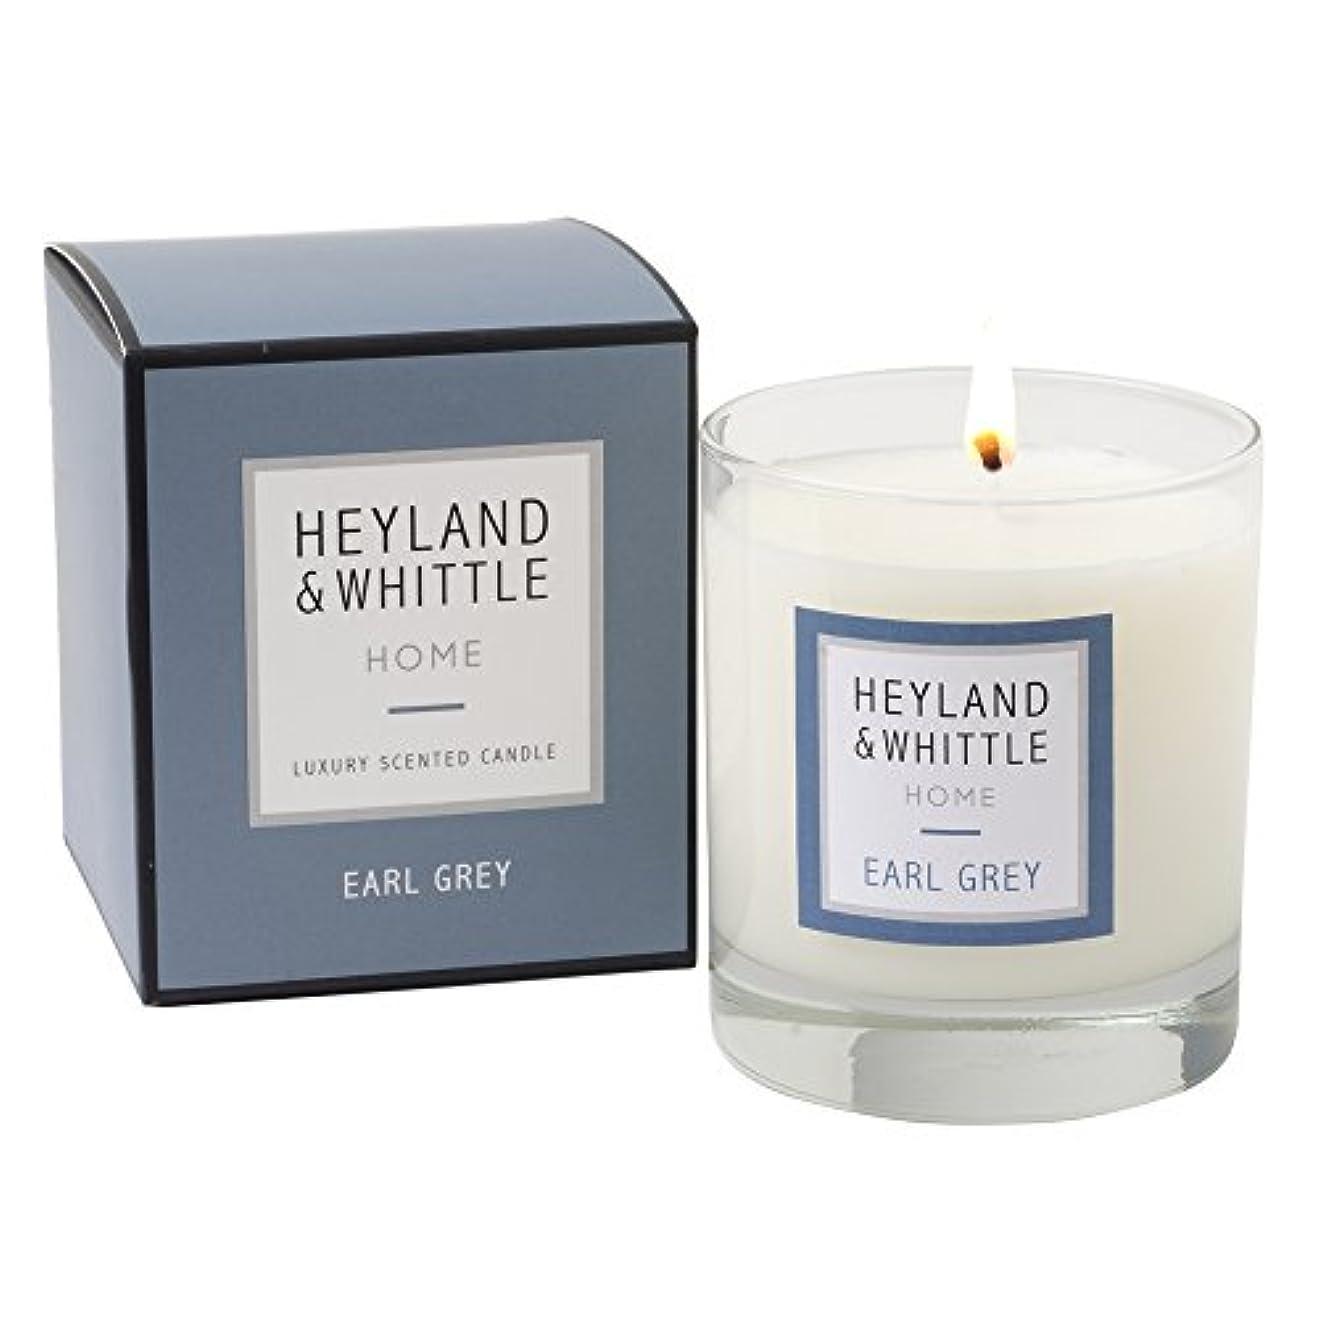 誓うピクニックをする細部Heyland & Whittle ' HOME '範囲Earl Grey香りつきSoy Candle in aガラスby Heyland & Whittle